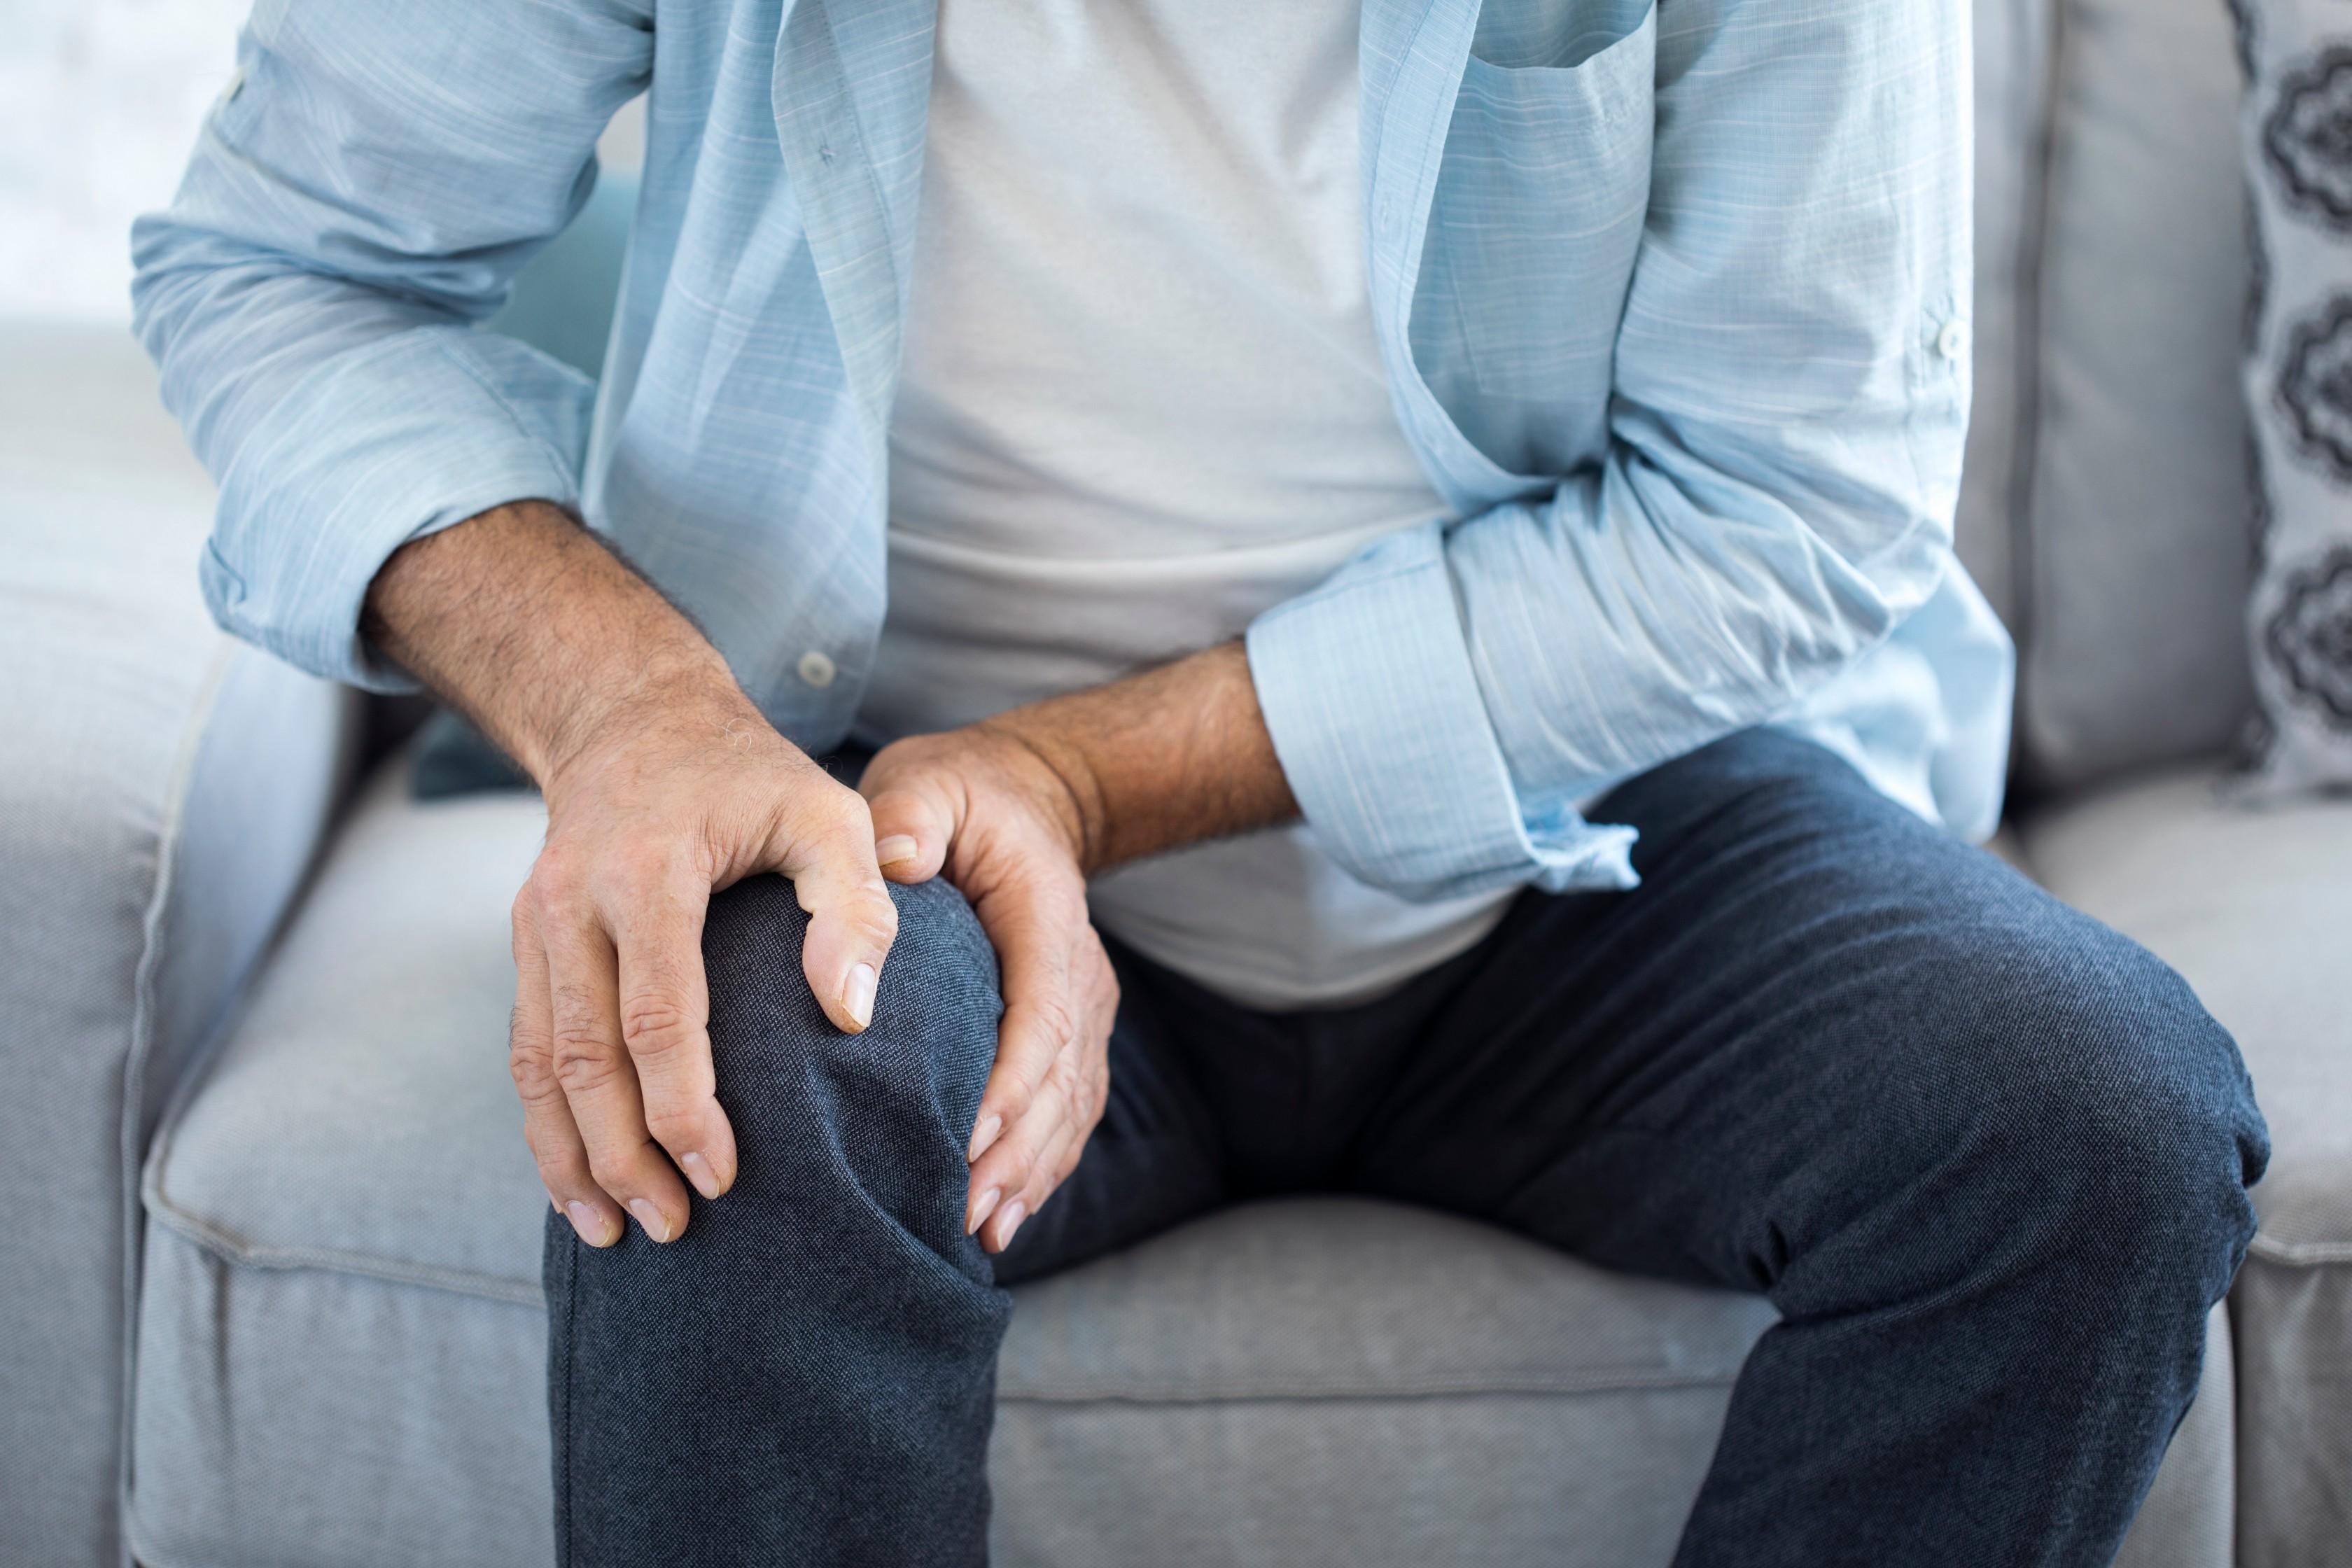 ízületi fájdalmak lehet az ízületek artrózis kezelés diagnosztizálása